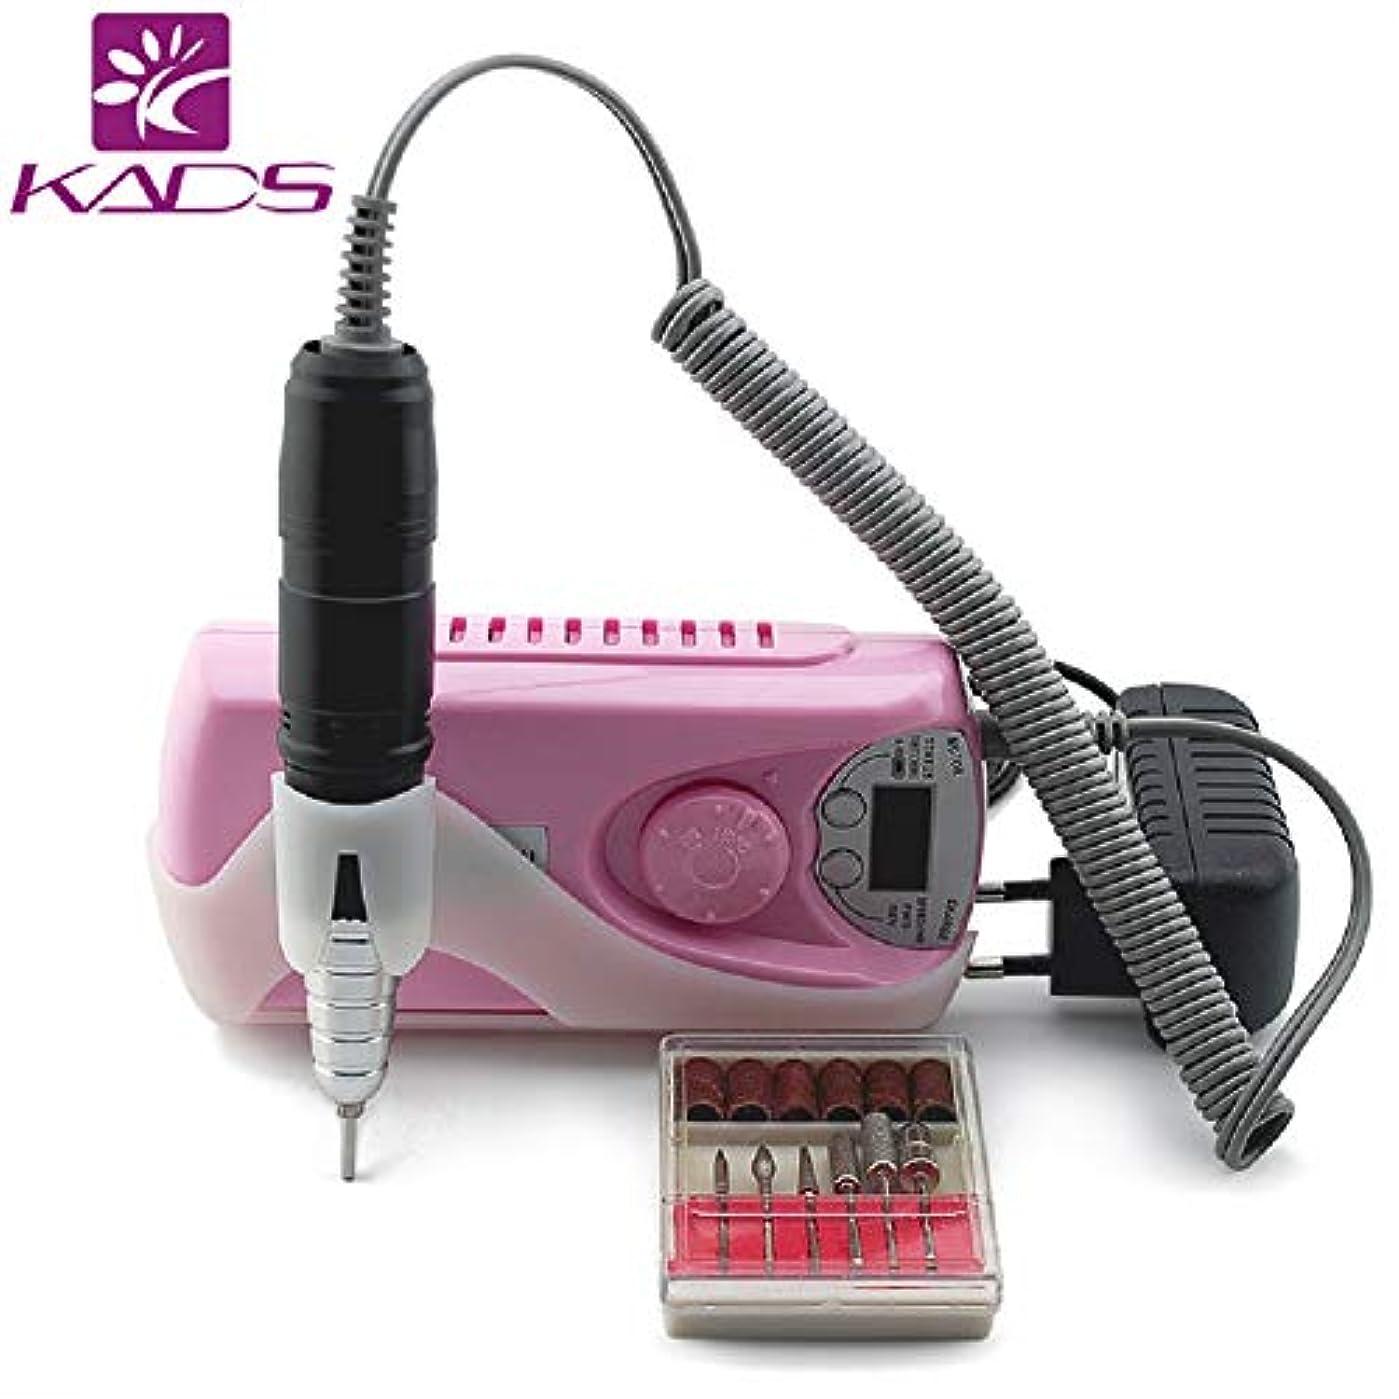 クラッシュ約束する保存するKADSサロン電動マシン 電気ネイルマシン ネイルアート機器 ドリルマシン 角質除去 甘皮処理